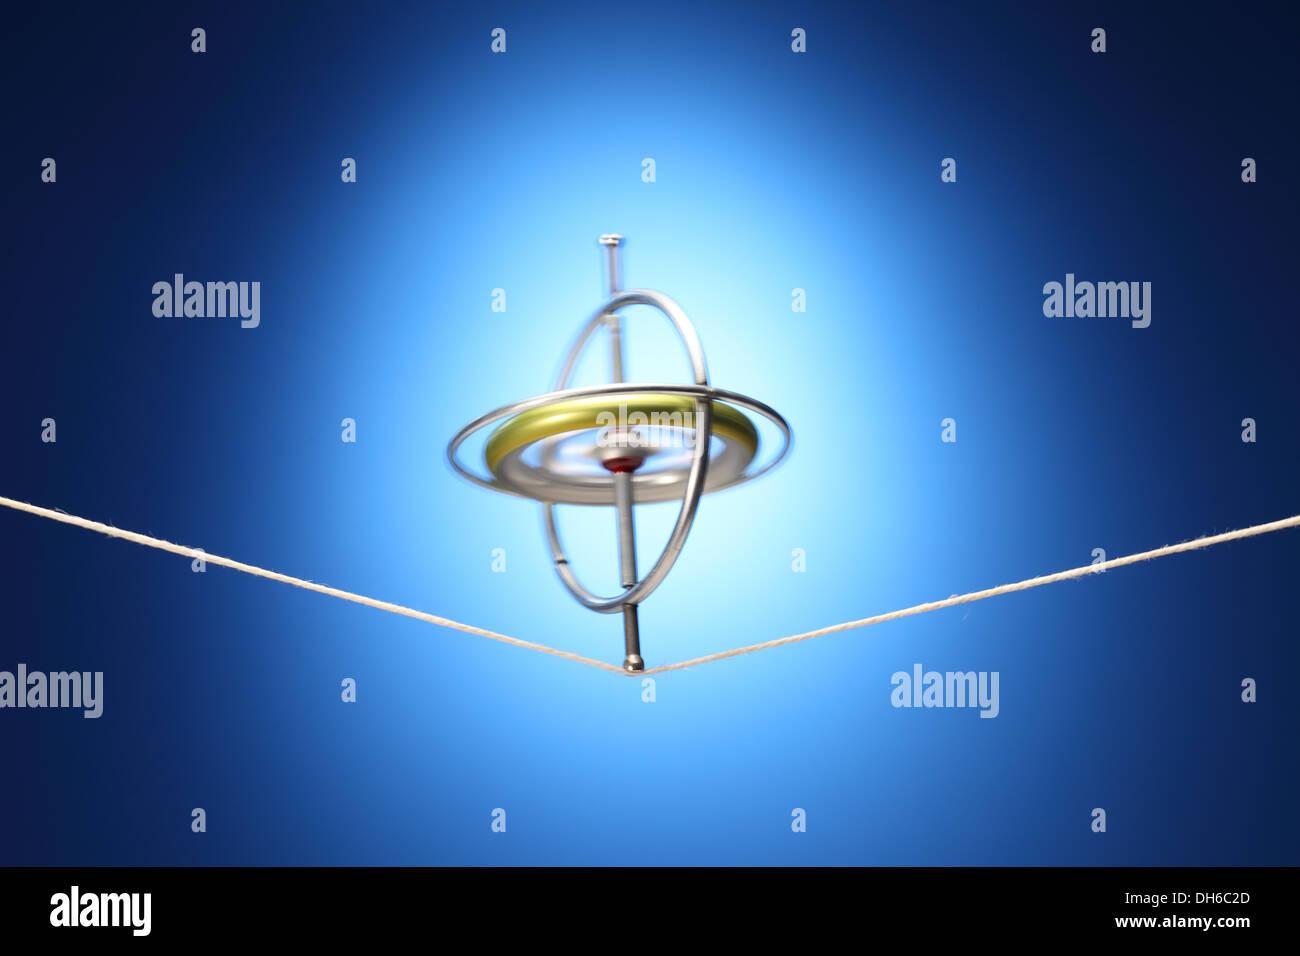 Un giroscopio equilibrata su un panno stringa. Immagini Stock